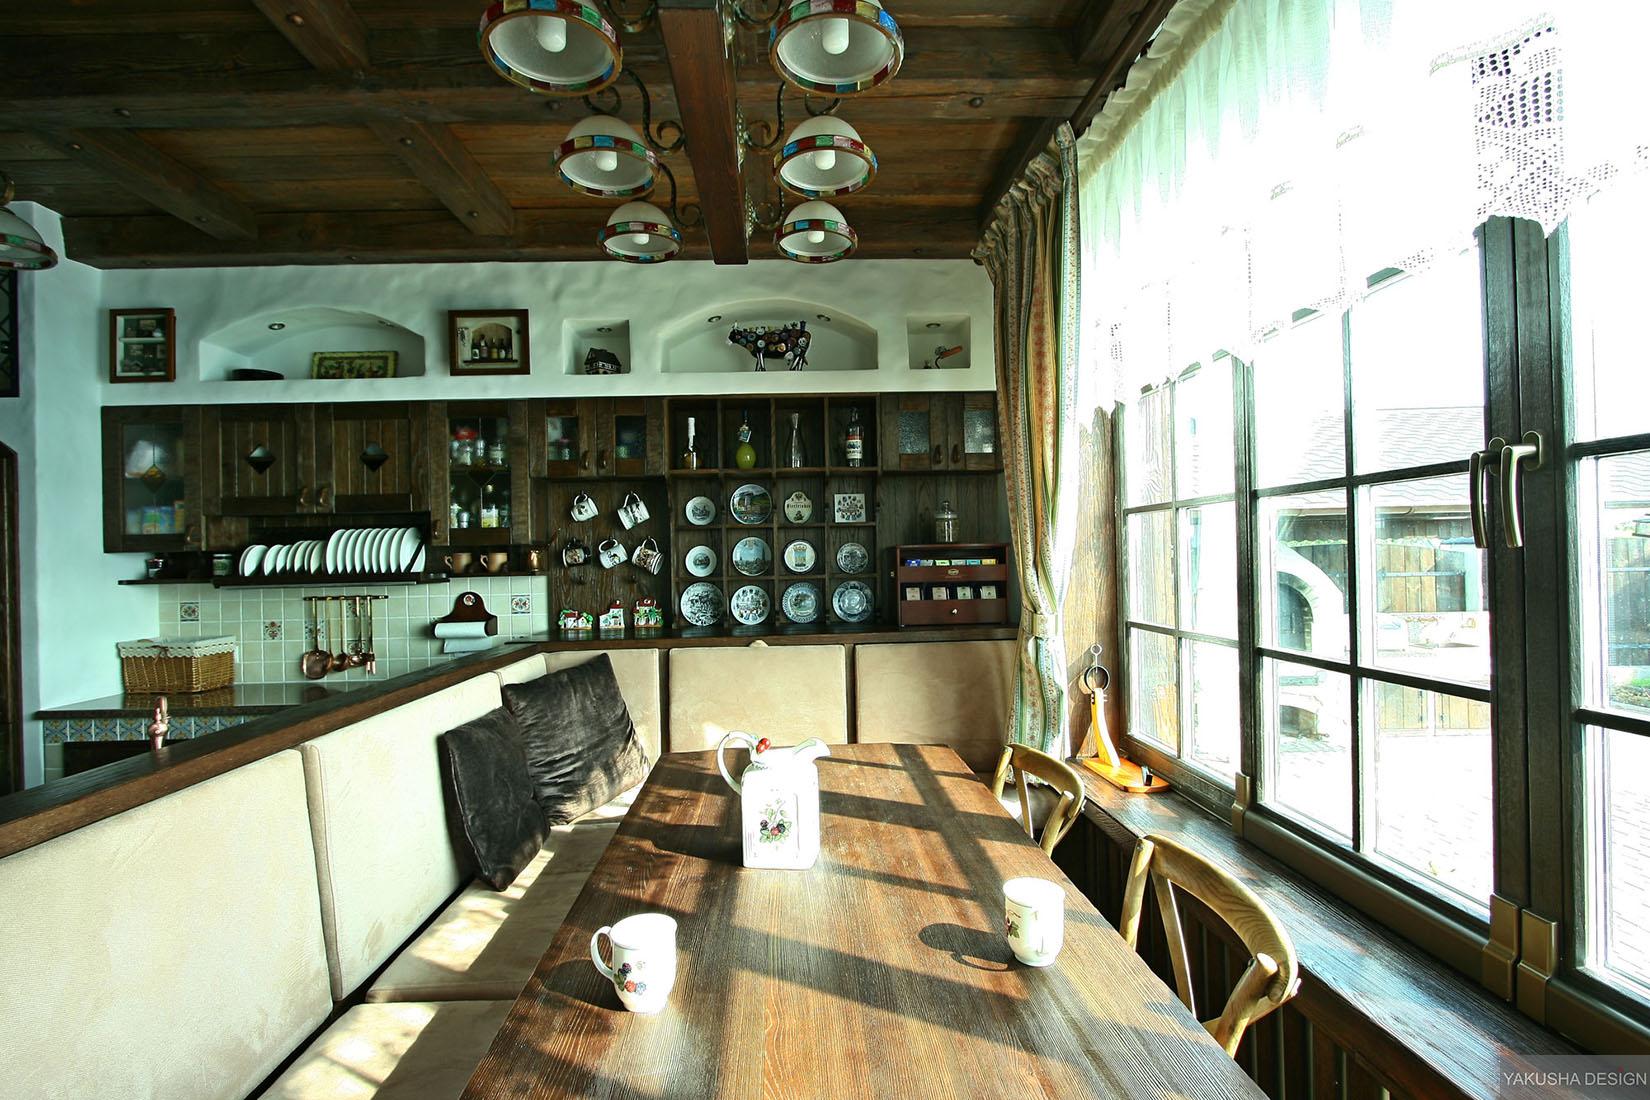 House Bavaria by Yakusha Design House Bavaria by Yakusha Design 2